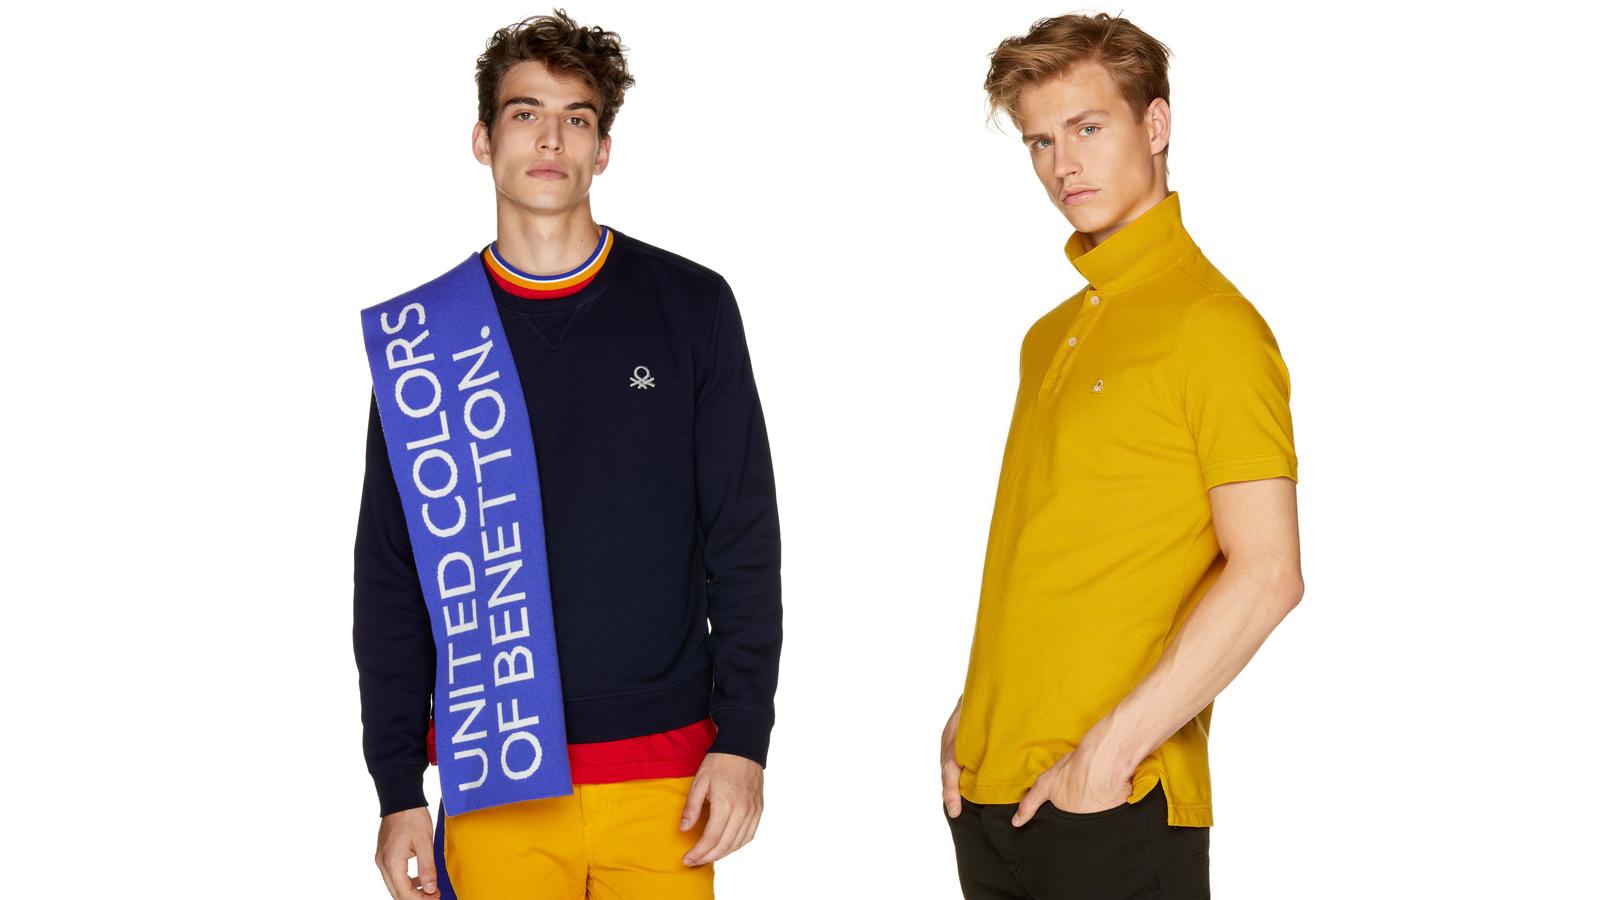 a7f5ade94272 Abbigliamento Uomo Nuova Collezione 2019 | Benetton